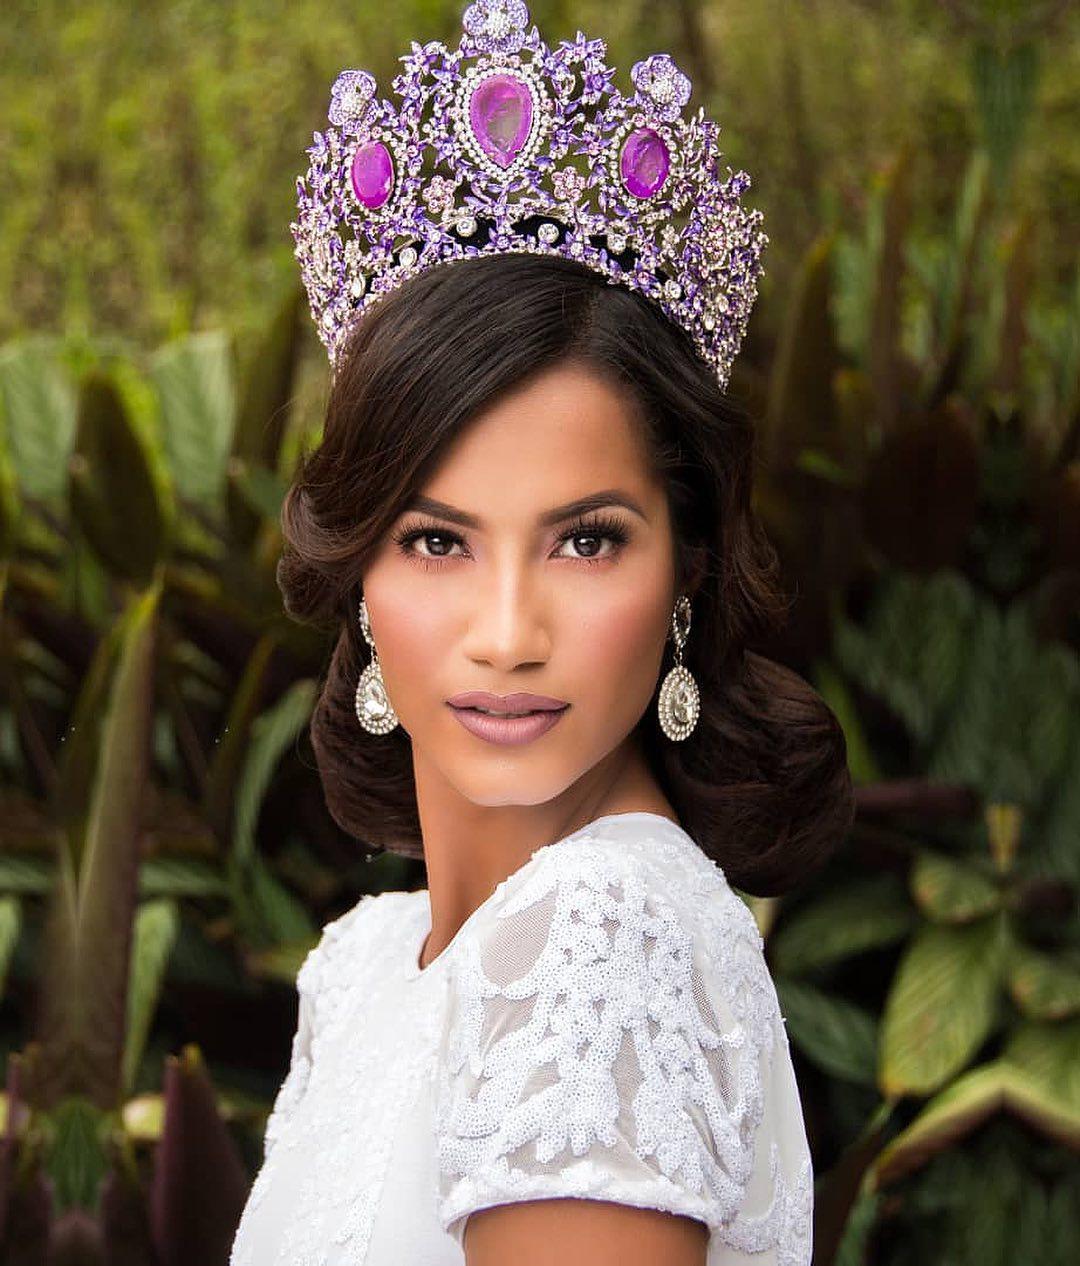 imelys velasquez, miss mesoamerica international 2021. 22792813